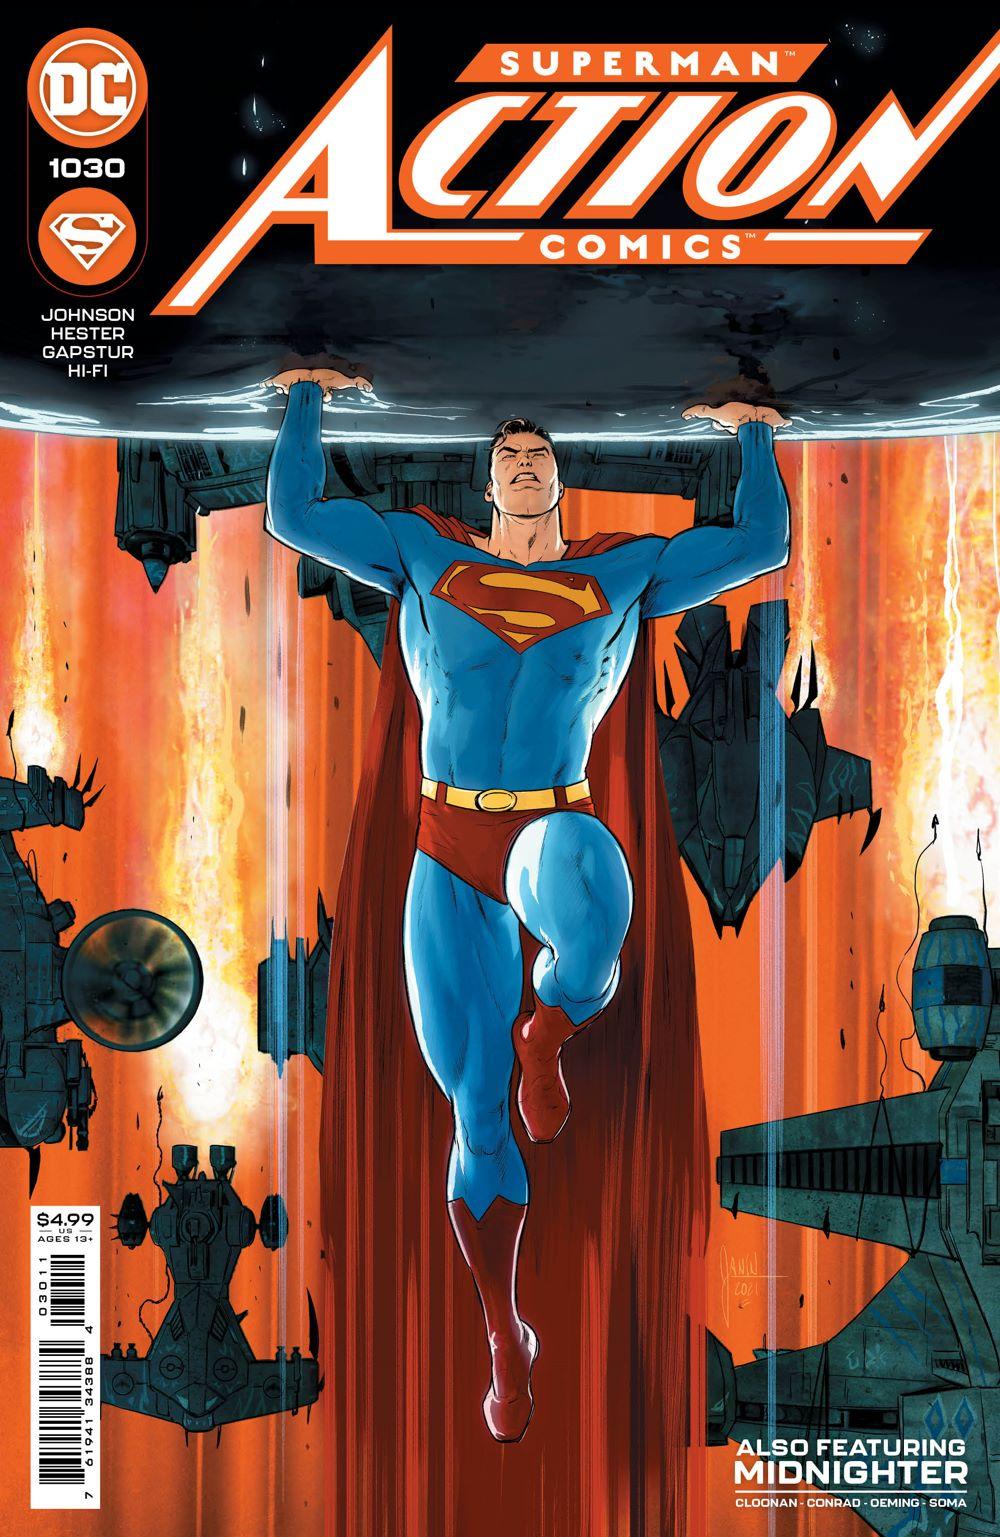 ACTIONCOMICS_Cv1030 DC Comics April 2021 Solicitations